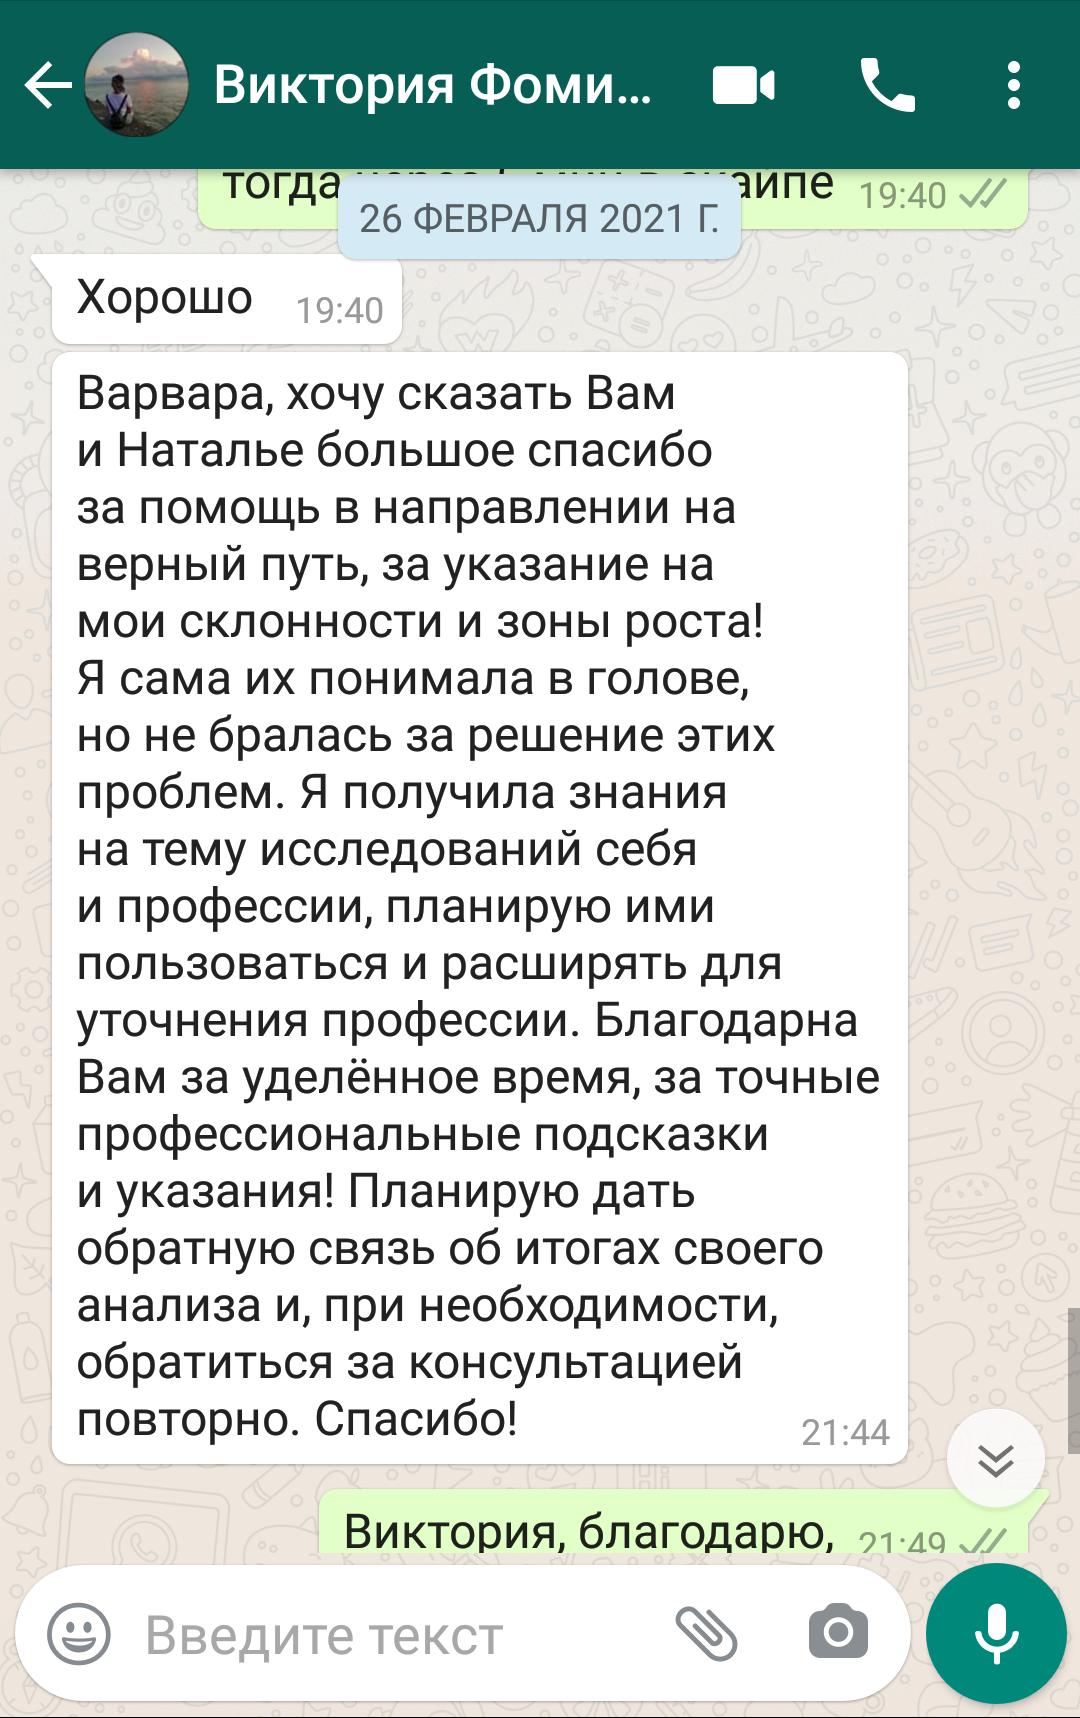 Отзыв Виктория Фомина_личный помощник_ПрофКомпас